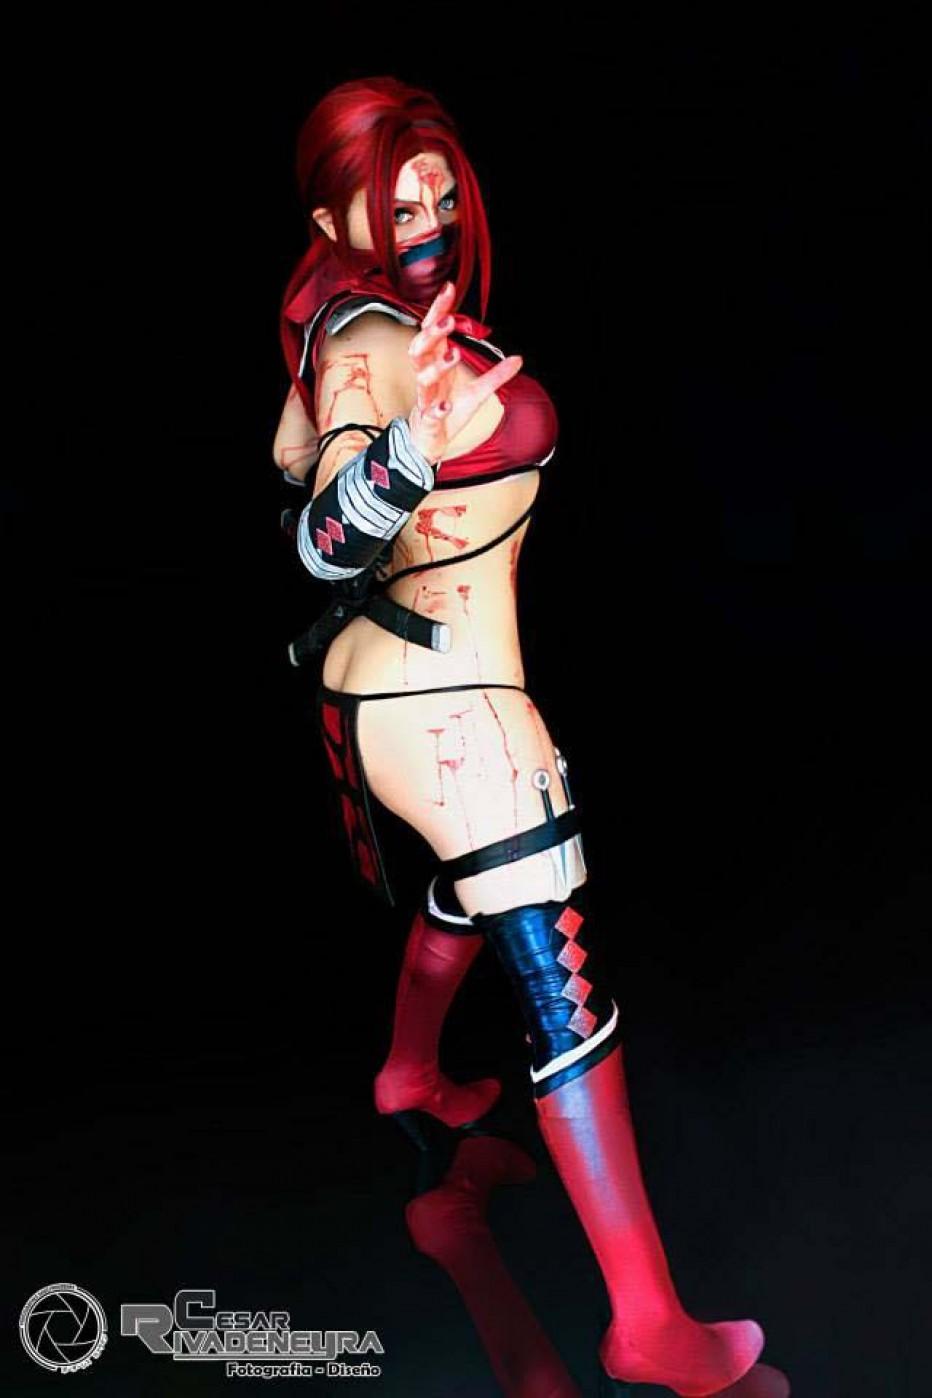 Mortal-Kombat-Skarlet-Cosplay-Gamers-Heroes-12.jpg